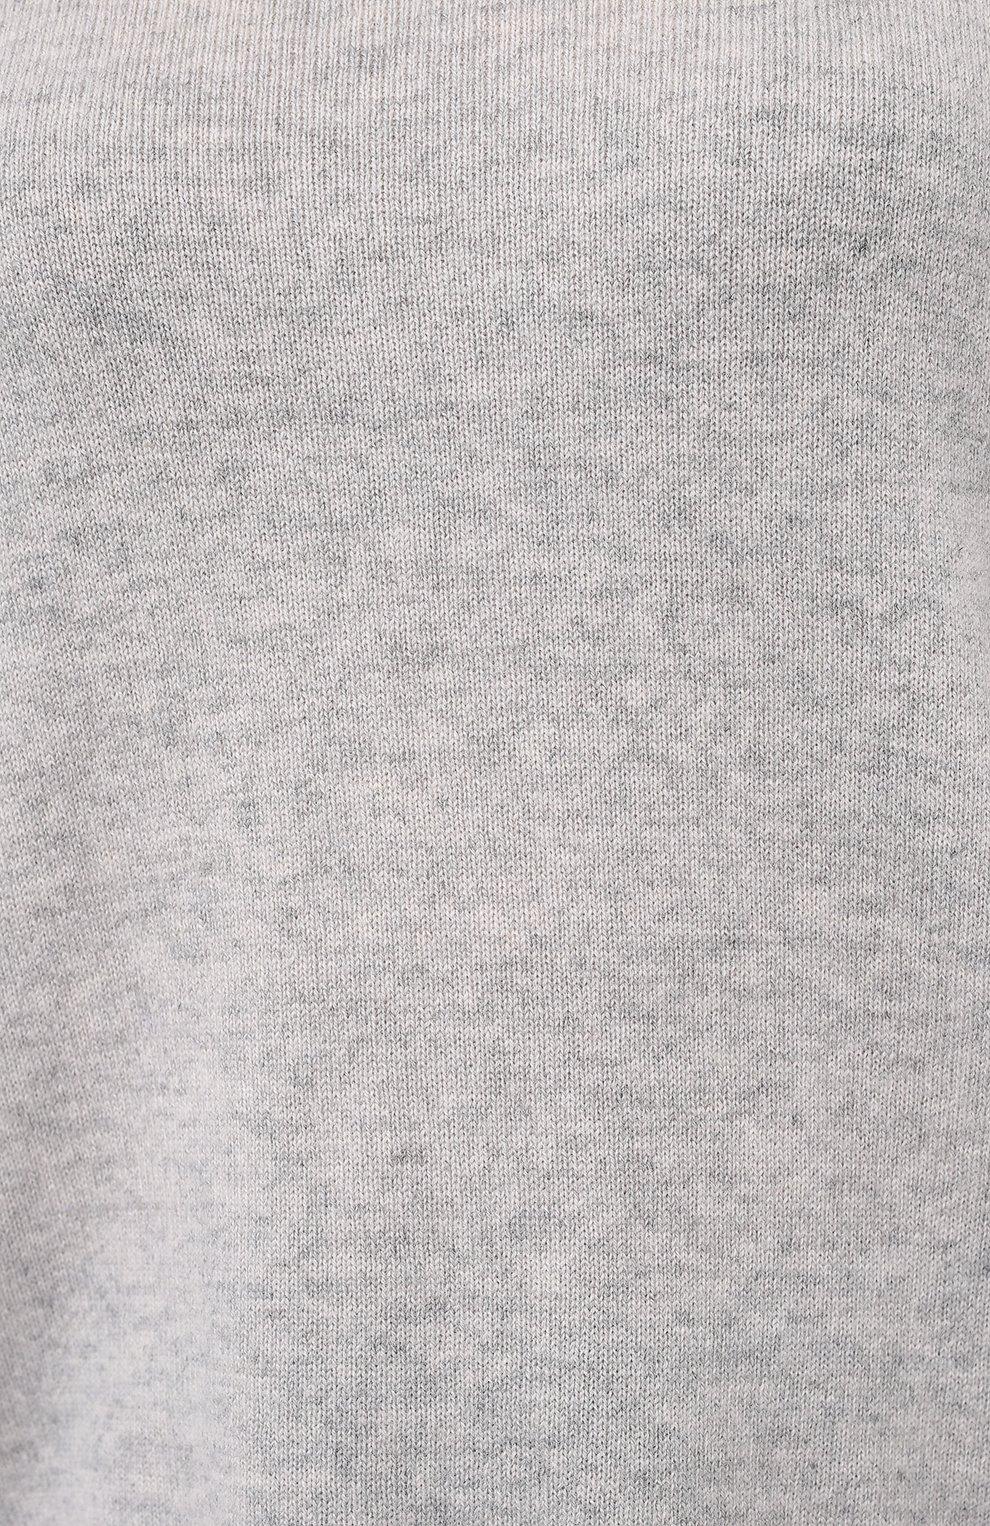 Женский кашемировый свитер ALLUDE серого цвета, арт. 205/11113 | Фото 5 (Женское Кросс-КТ: Свитер-одежда; Материал внешний: Шерсть, Кашемир; Рукава: Длинные; Длина (для топов): Стандартные; Стили: Классический, Минимализм, Кэжуэл)